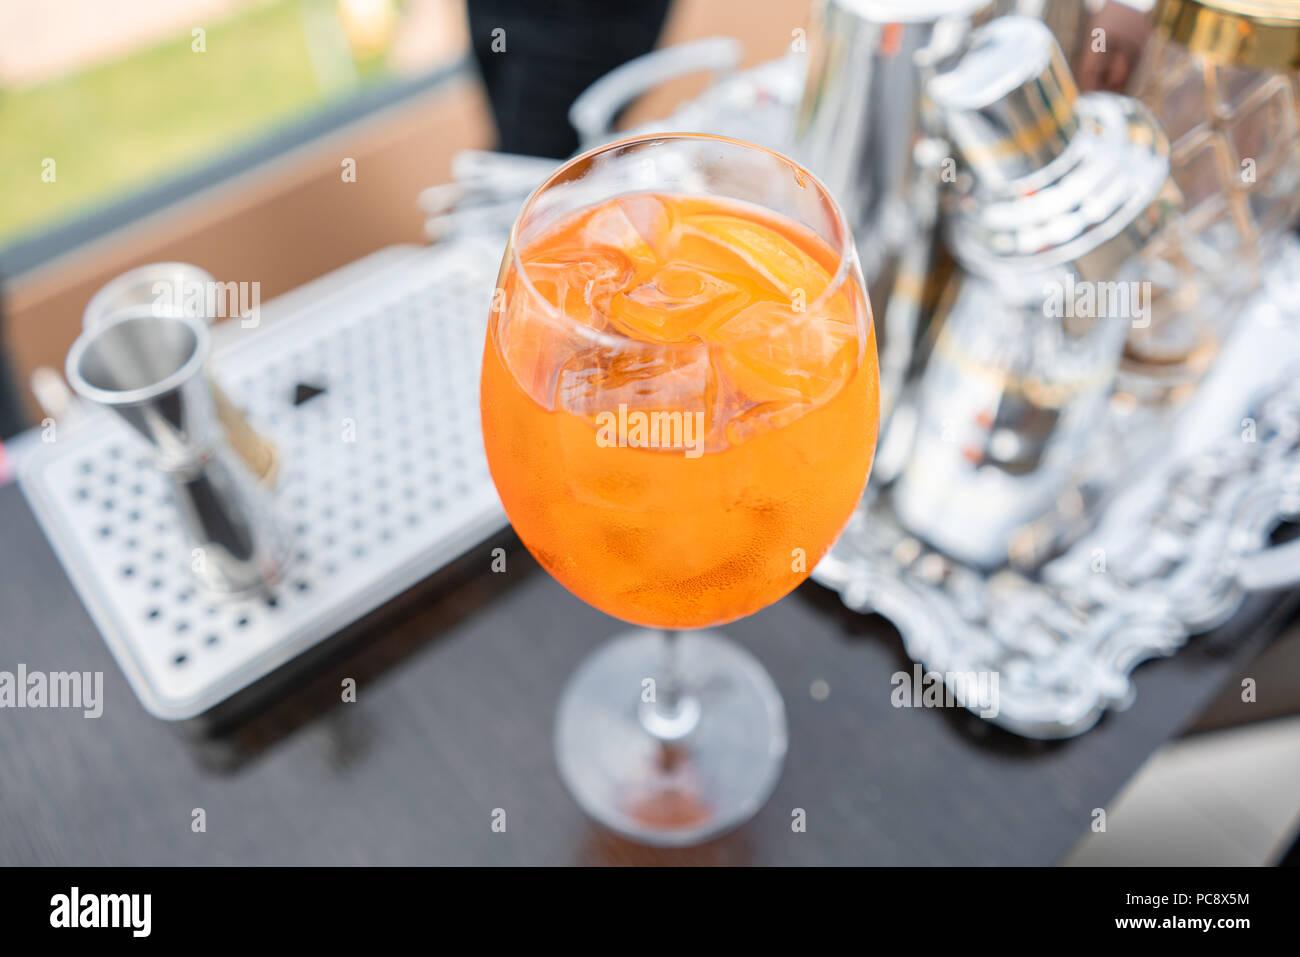 Aperol spritz cocktail in vetro colmi, il fuoco selettivo. Bevanda alcolica basata sul banco bar con cubetti di ghiaccio e arance. metallo shakers in background Immagini Stock